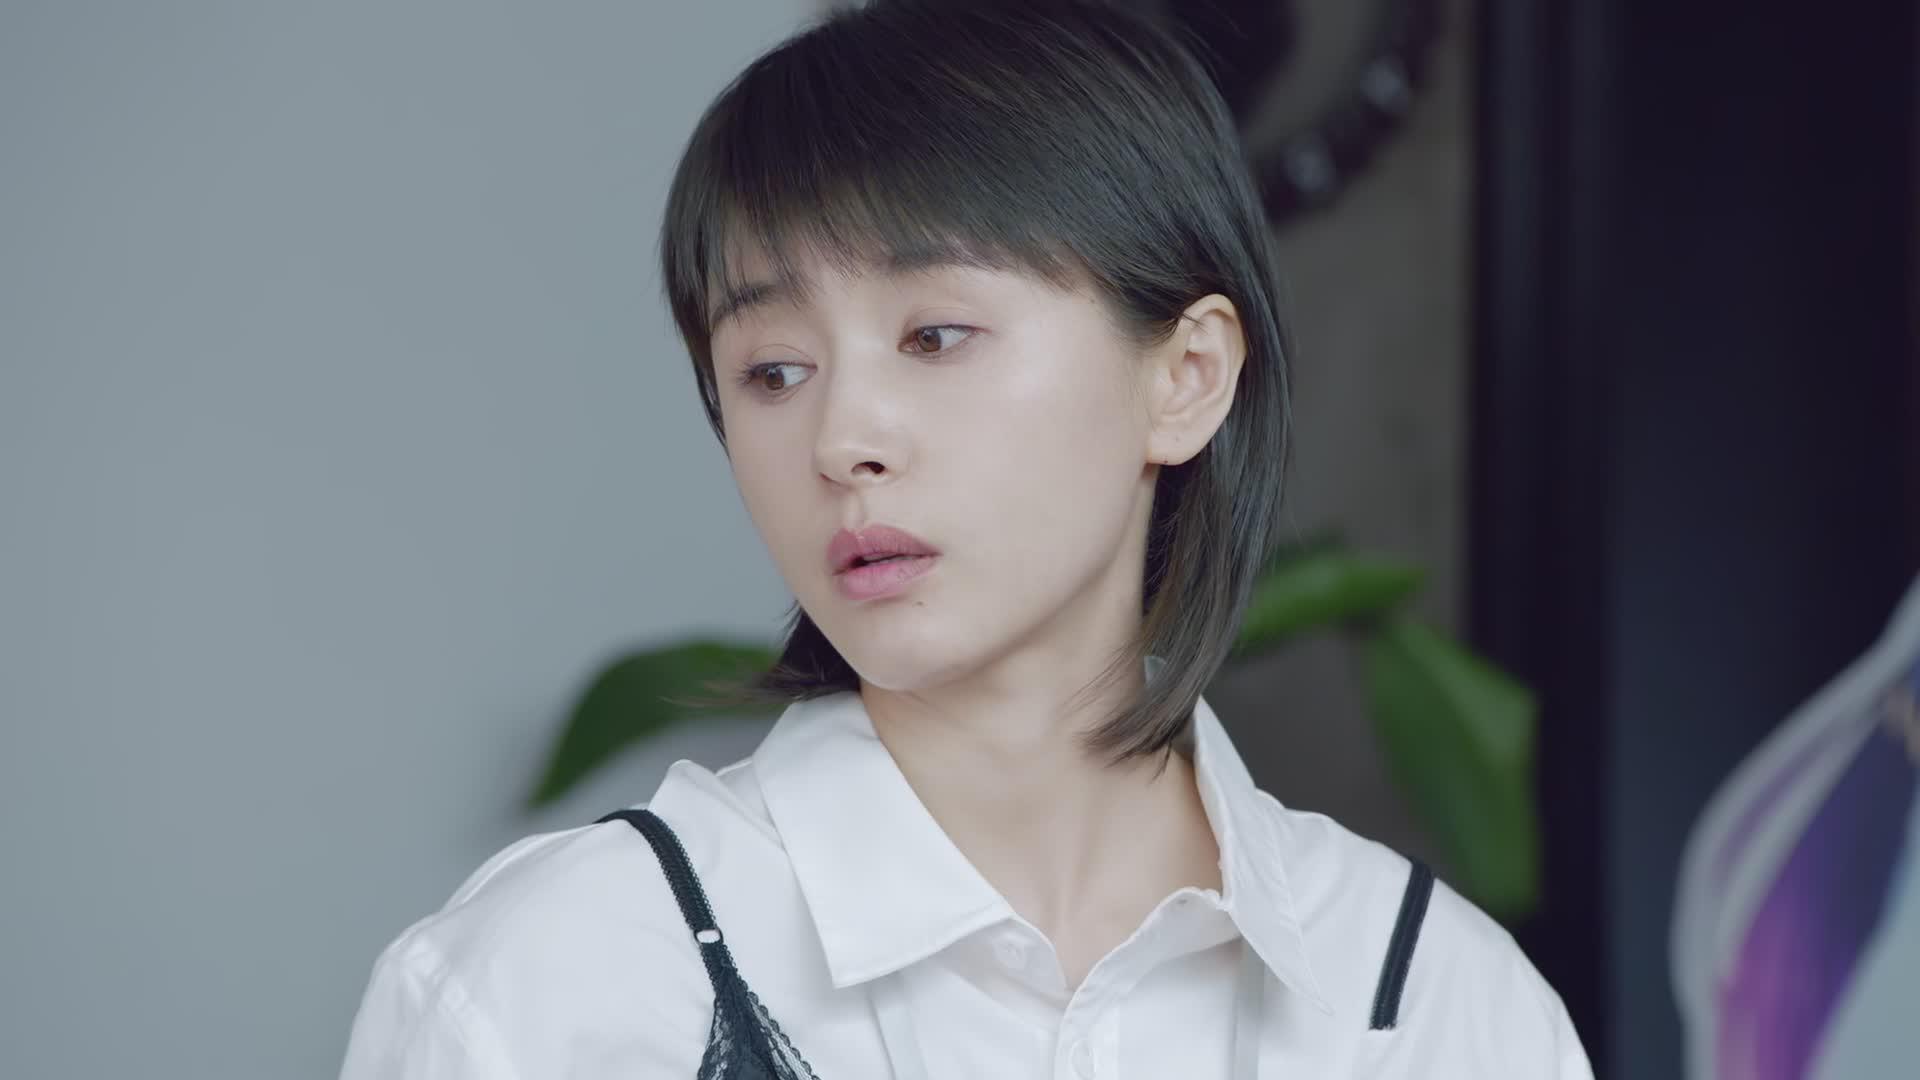 王子文开怼王蕾!最期待的女主手撕绿茶的剧情终于要来了吗?